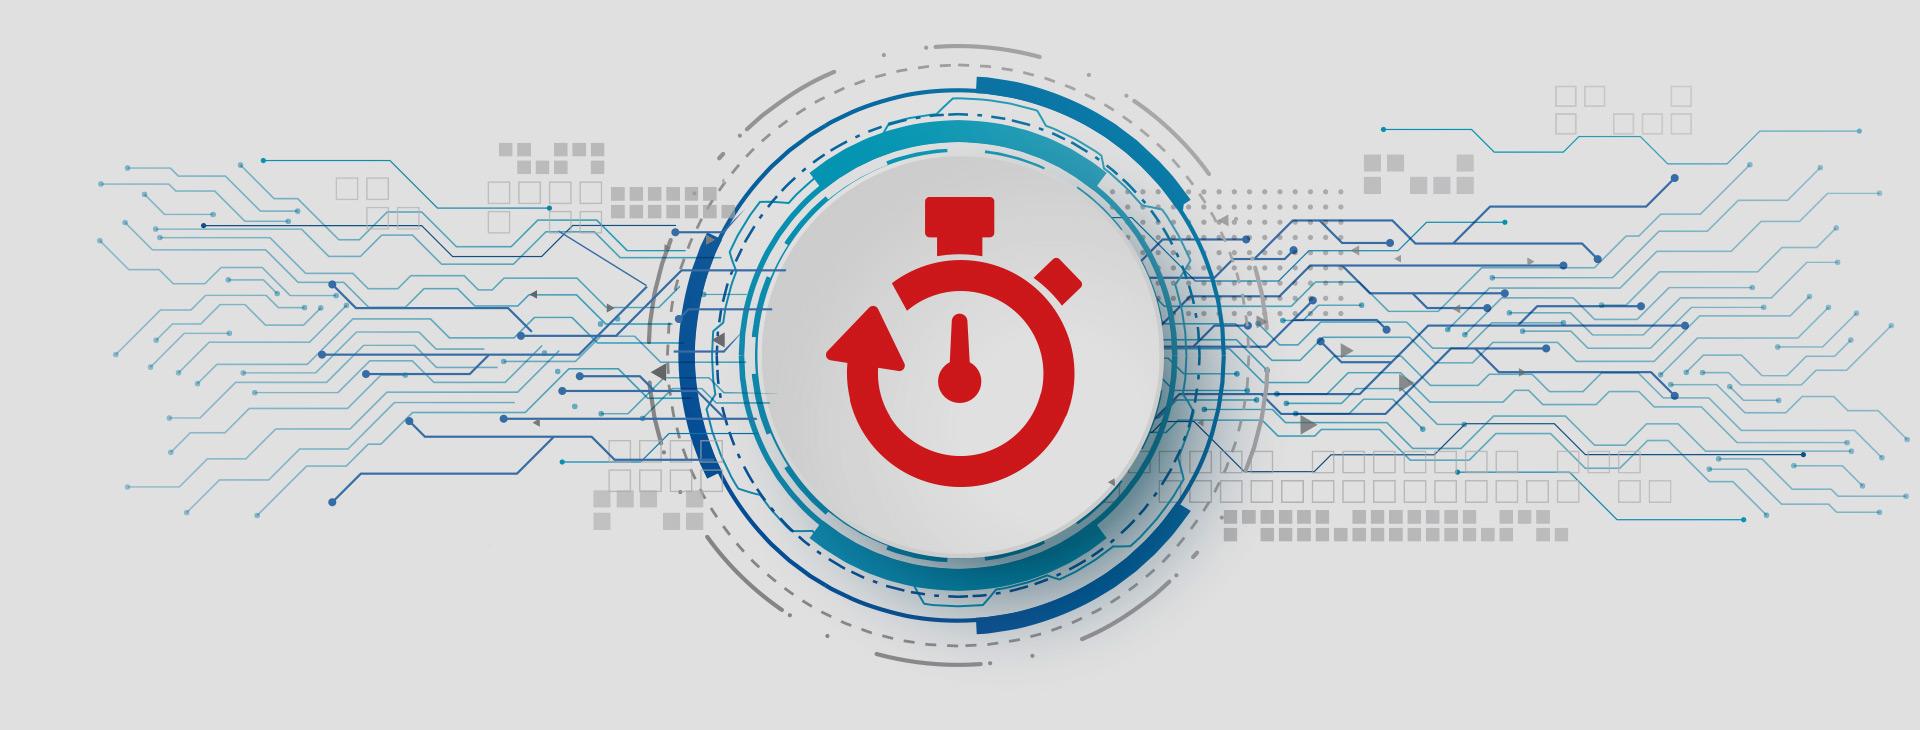 Pianificazione e controllo della produzione  Seguire nel dettaglio l'avanzamento del lavoro, verificare le attività e tenere sotto controllo i costi reali.